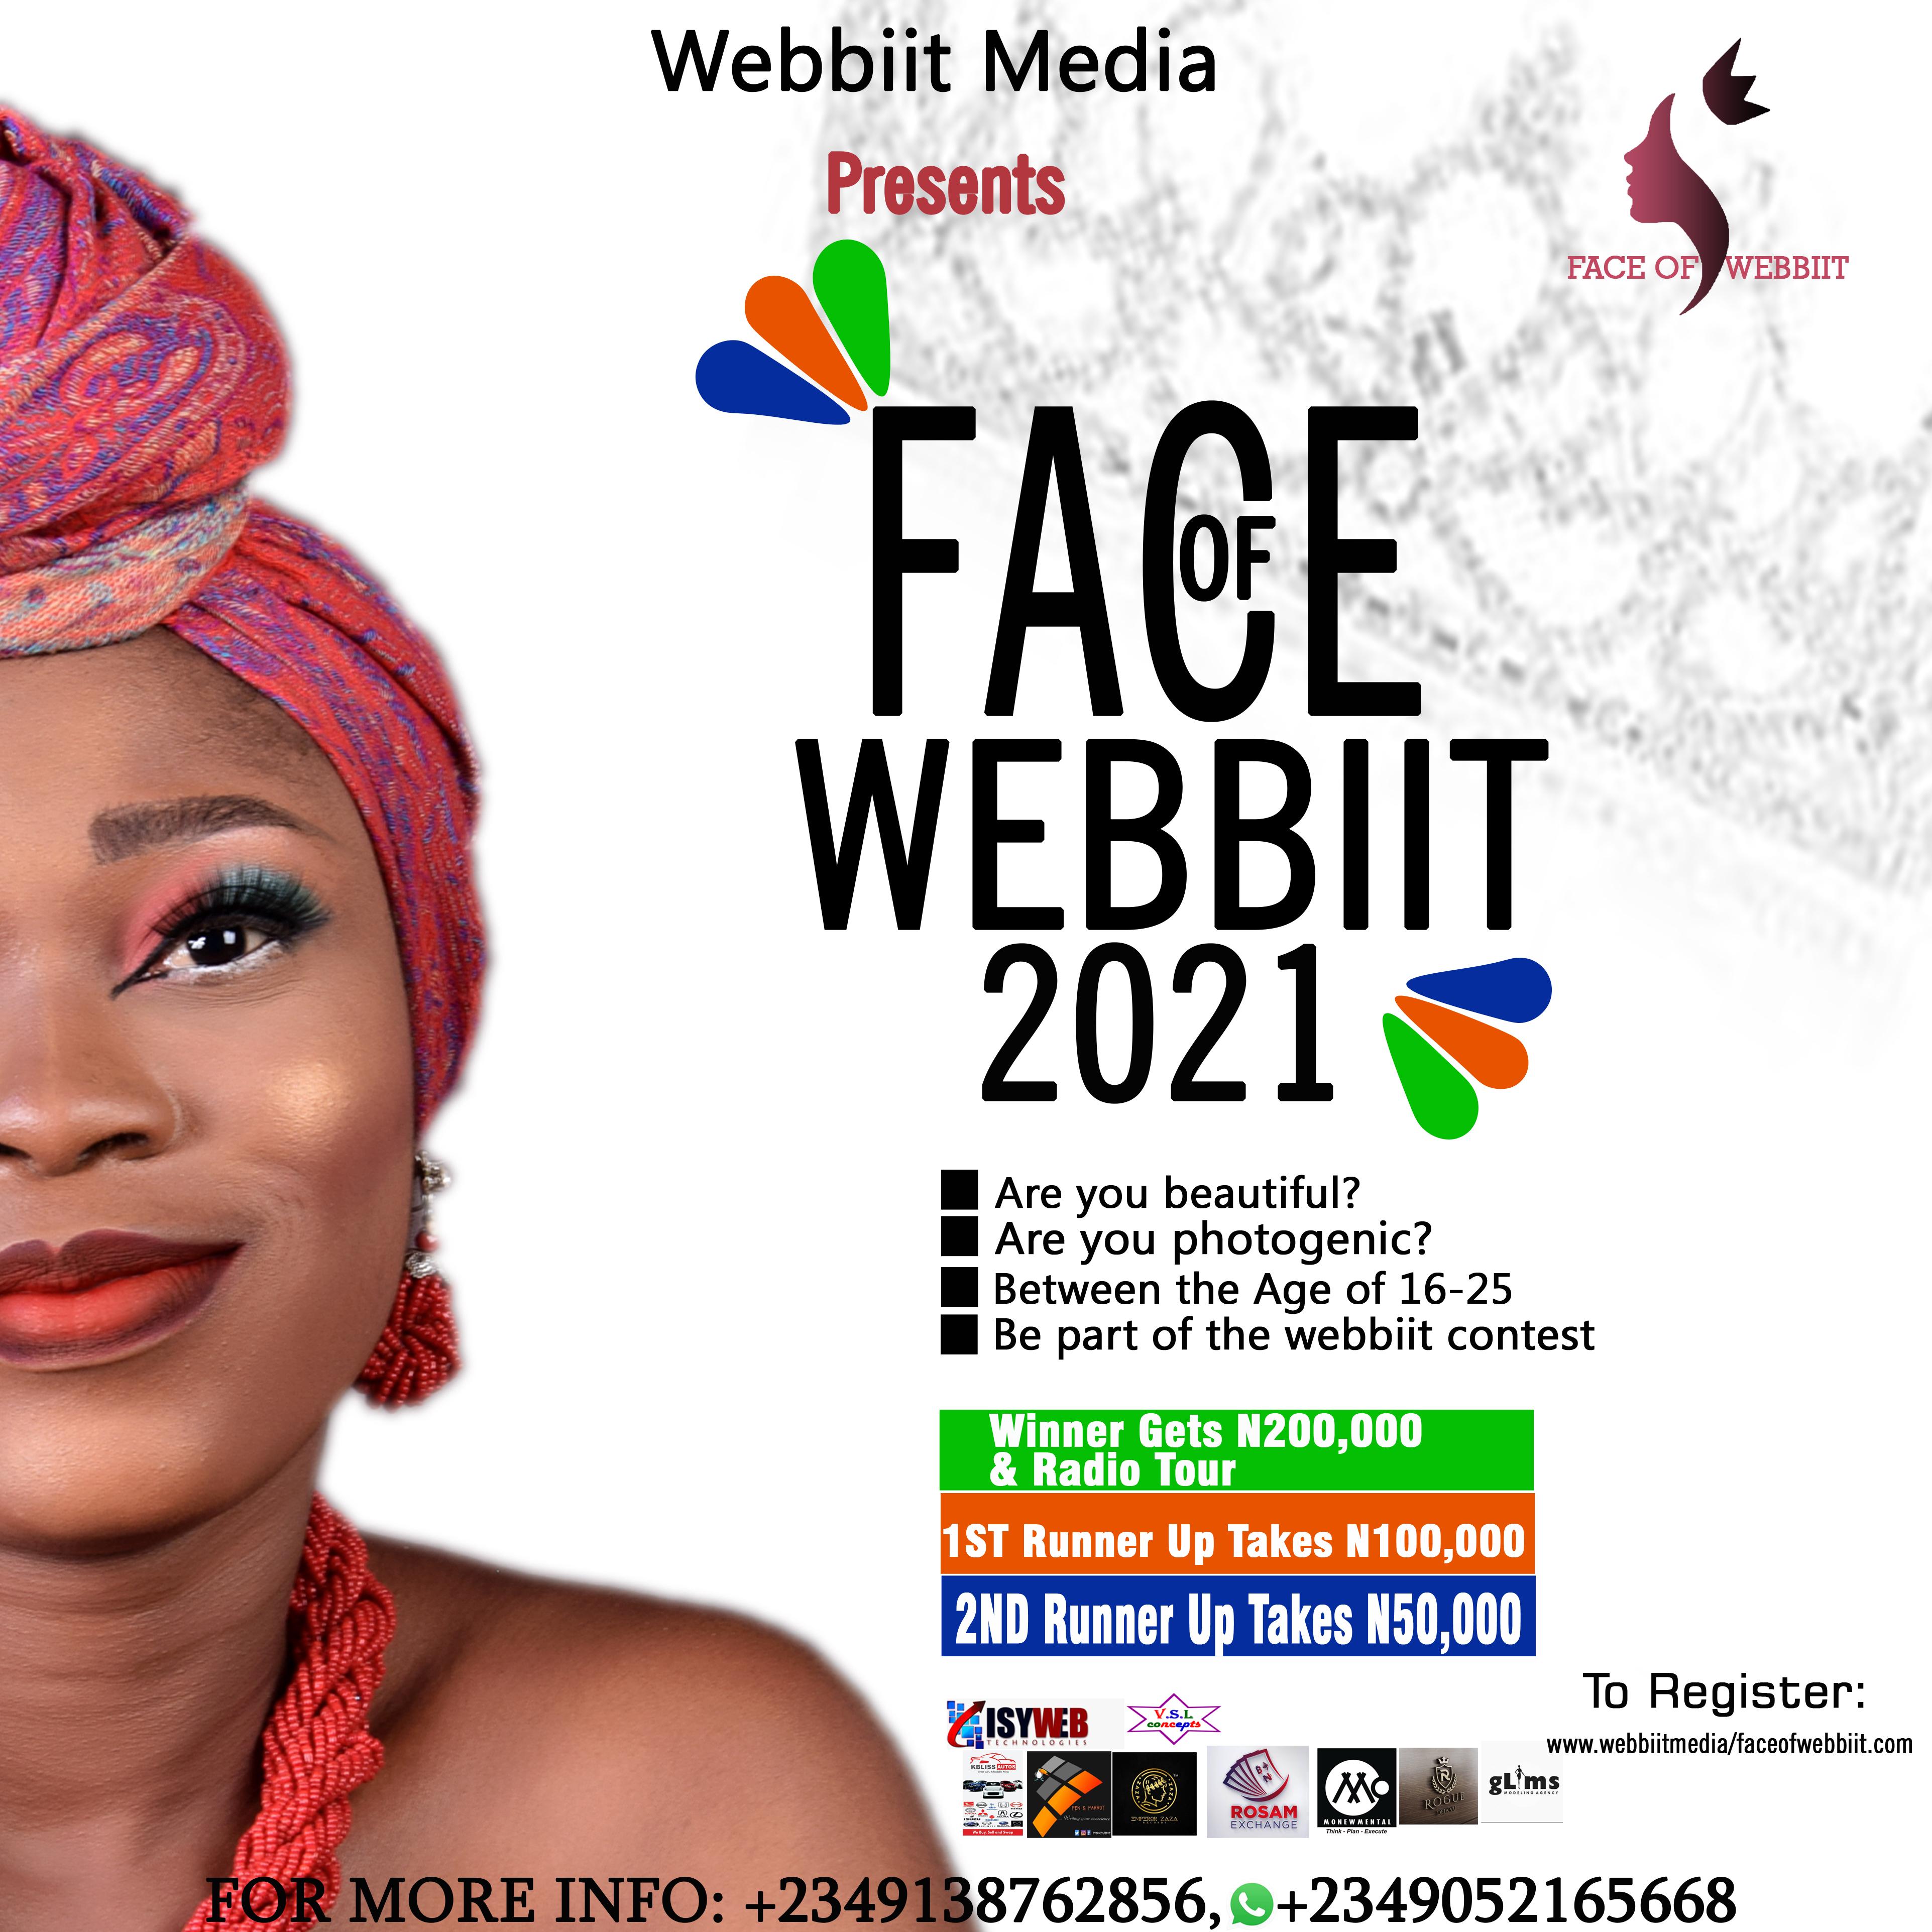 Face of Webbiit